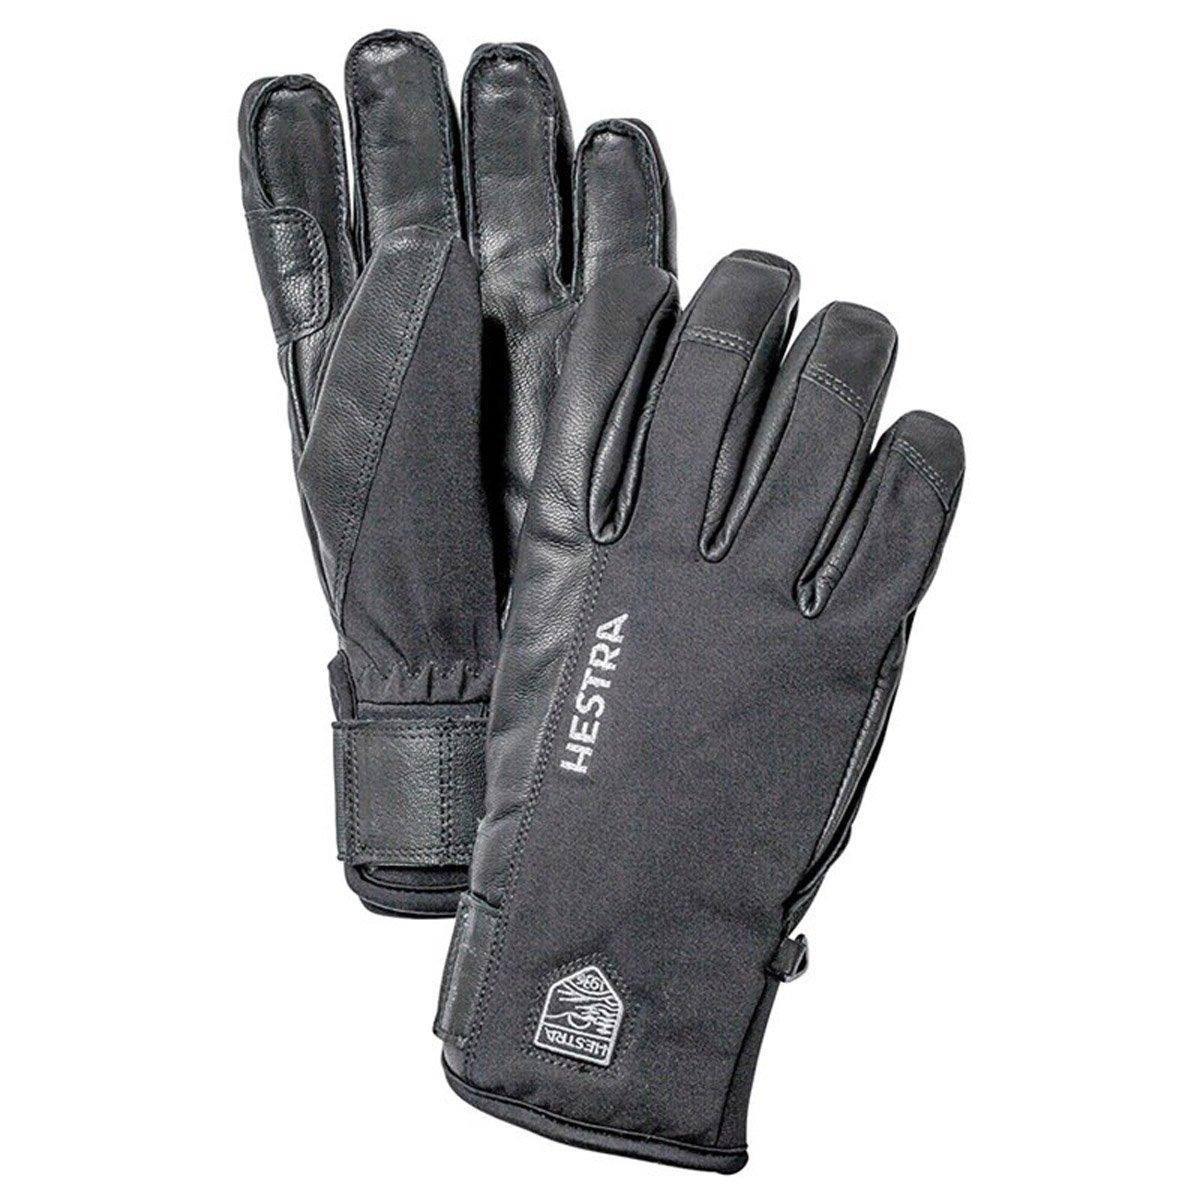 Hestra Army Leather SASTRUGI 5 Finger Navy